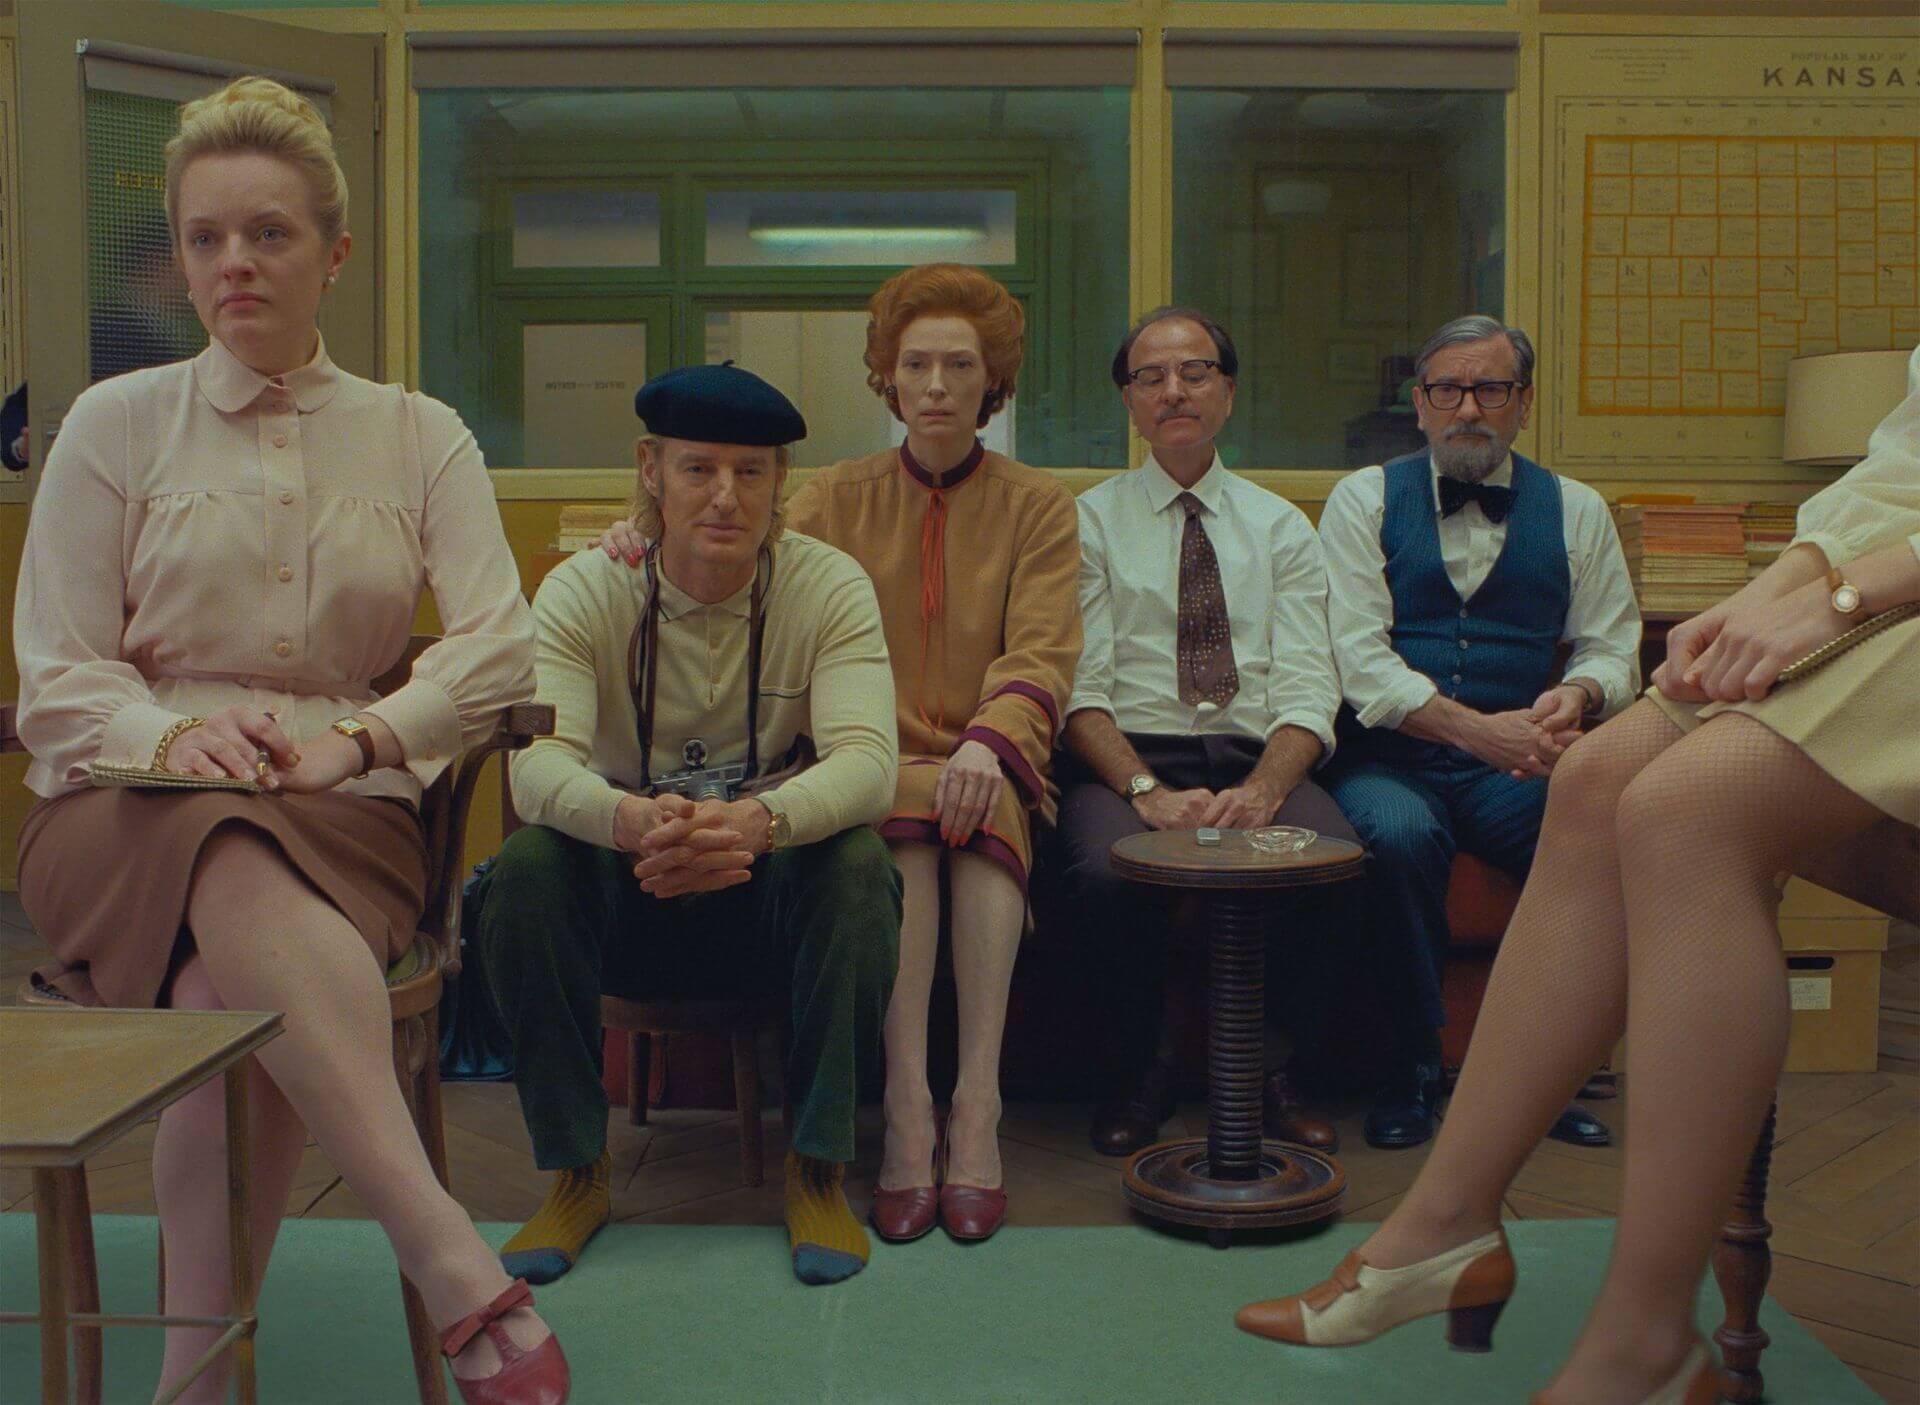 ウェス・アンダーソン監督最新作『フレンチ・ディスパッチ』がカンヌ国際映画祭・コンペティション部門正式出品!ティモシー・シャラメらも集うレッド・カーペットの写真が公開 film210713_thefrenchdispatch_12